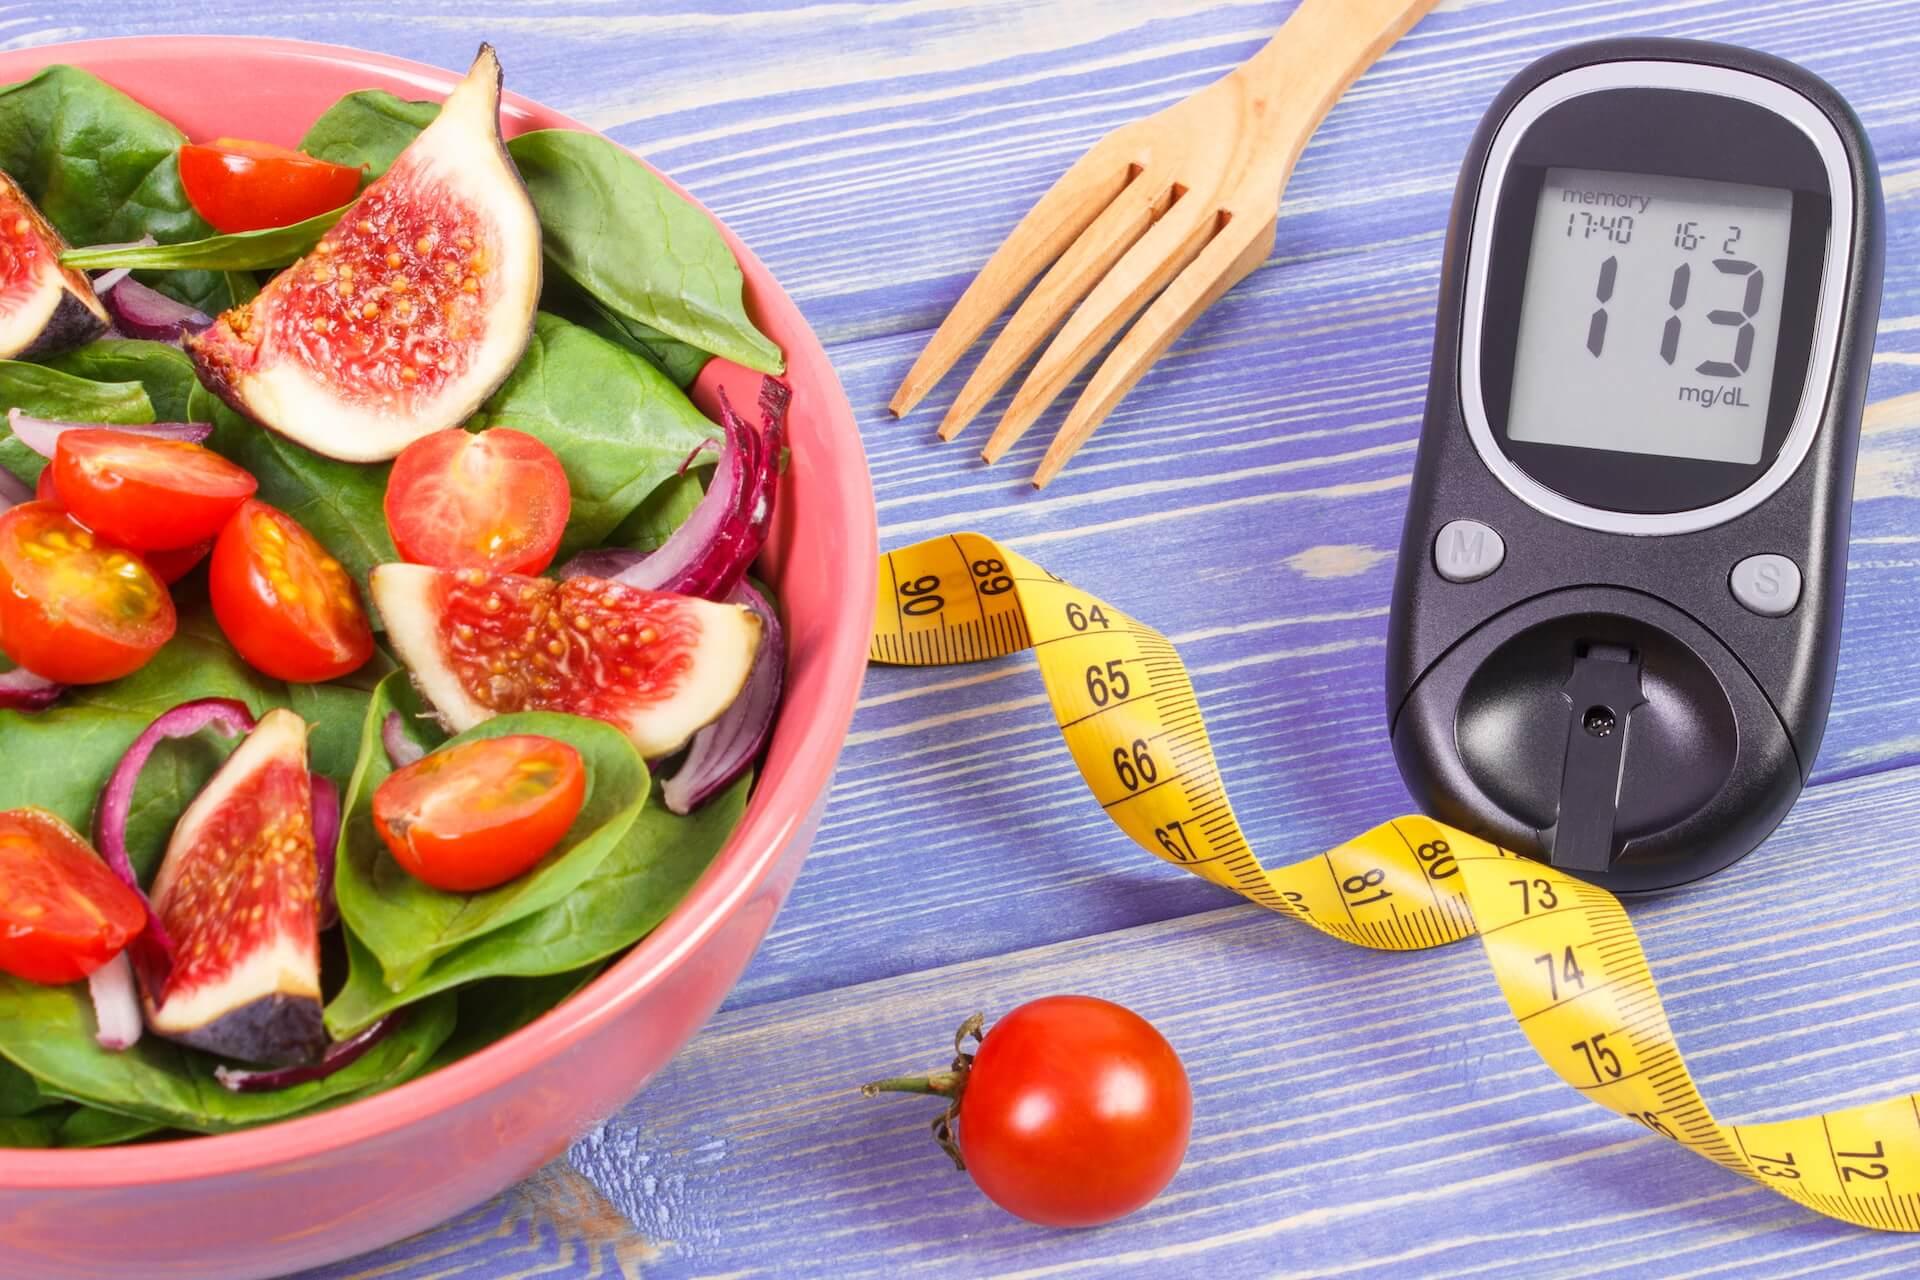 Salata u zdjeli, metar za mjerenje struka i glukometar